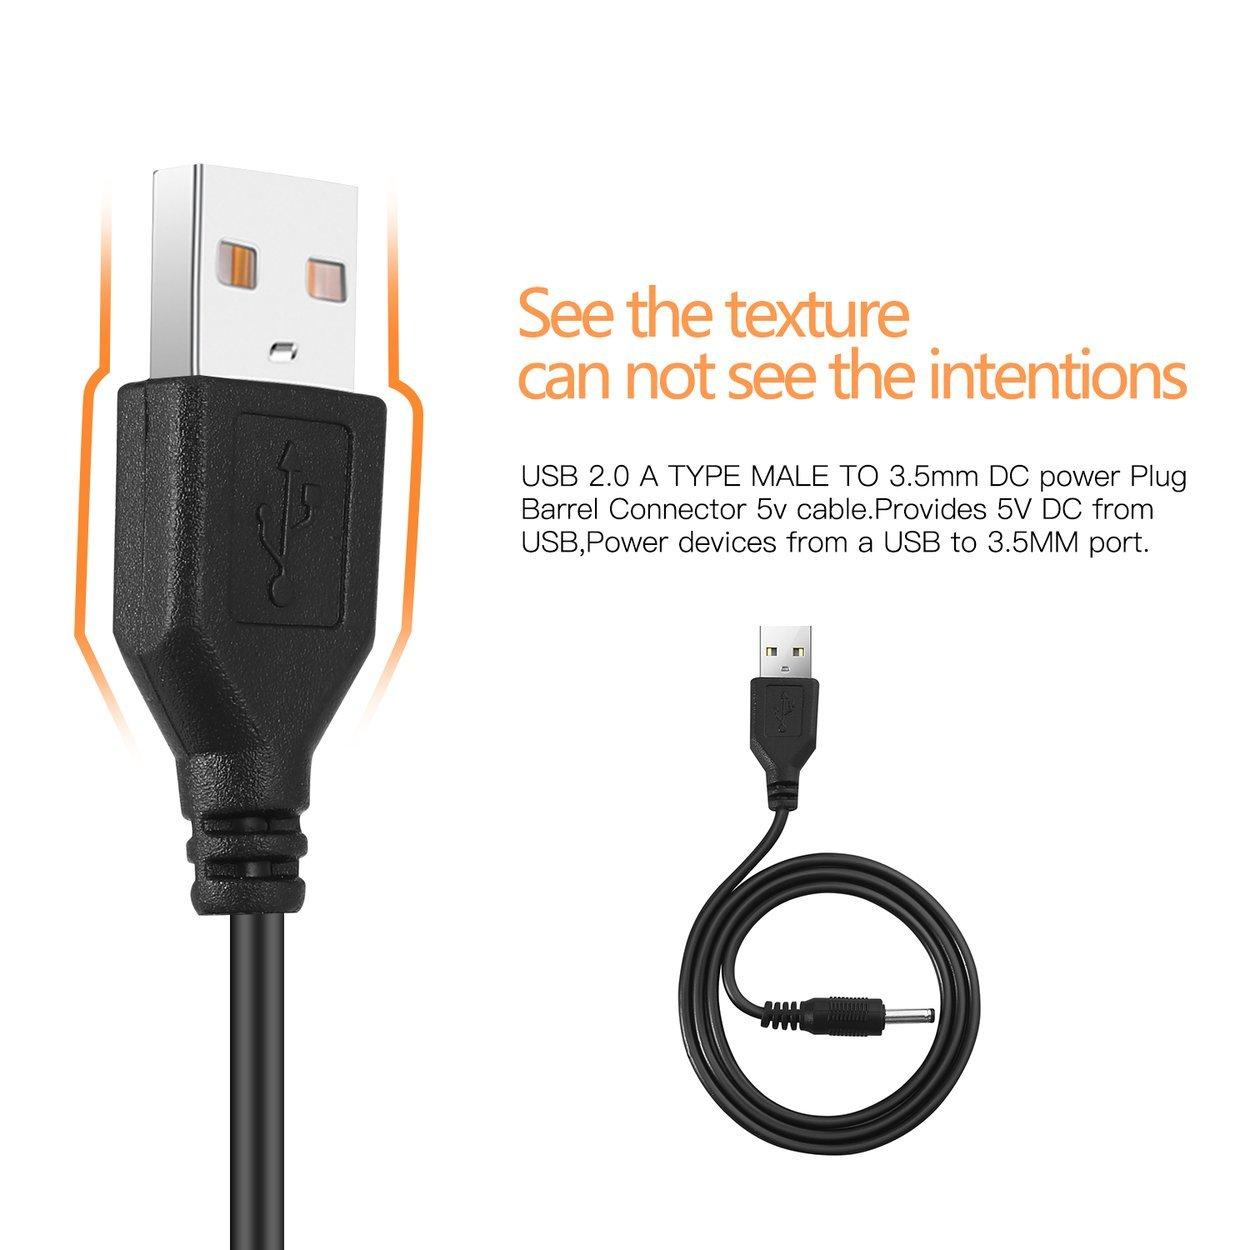 Losenlli Cable USB 2.0 A TIPO MACHO A 3.5 mm Conector de alimentaci/ón est/éreo Dispositivo electr/ónico est/éreo Cable r/ápido de 5 V